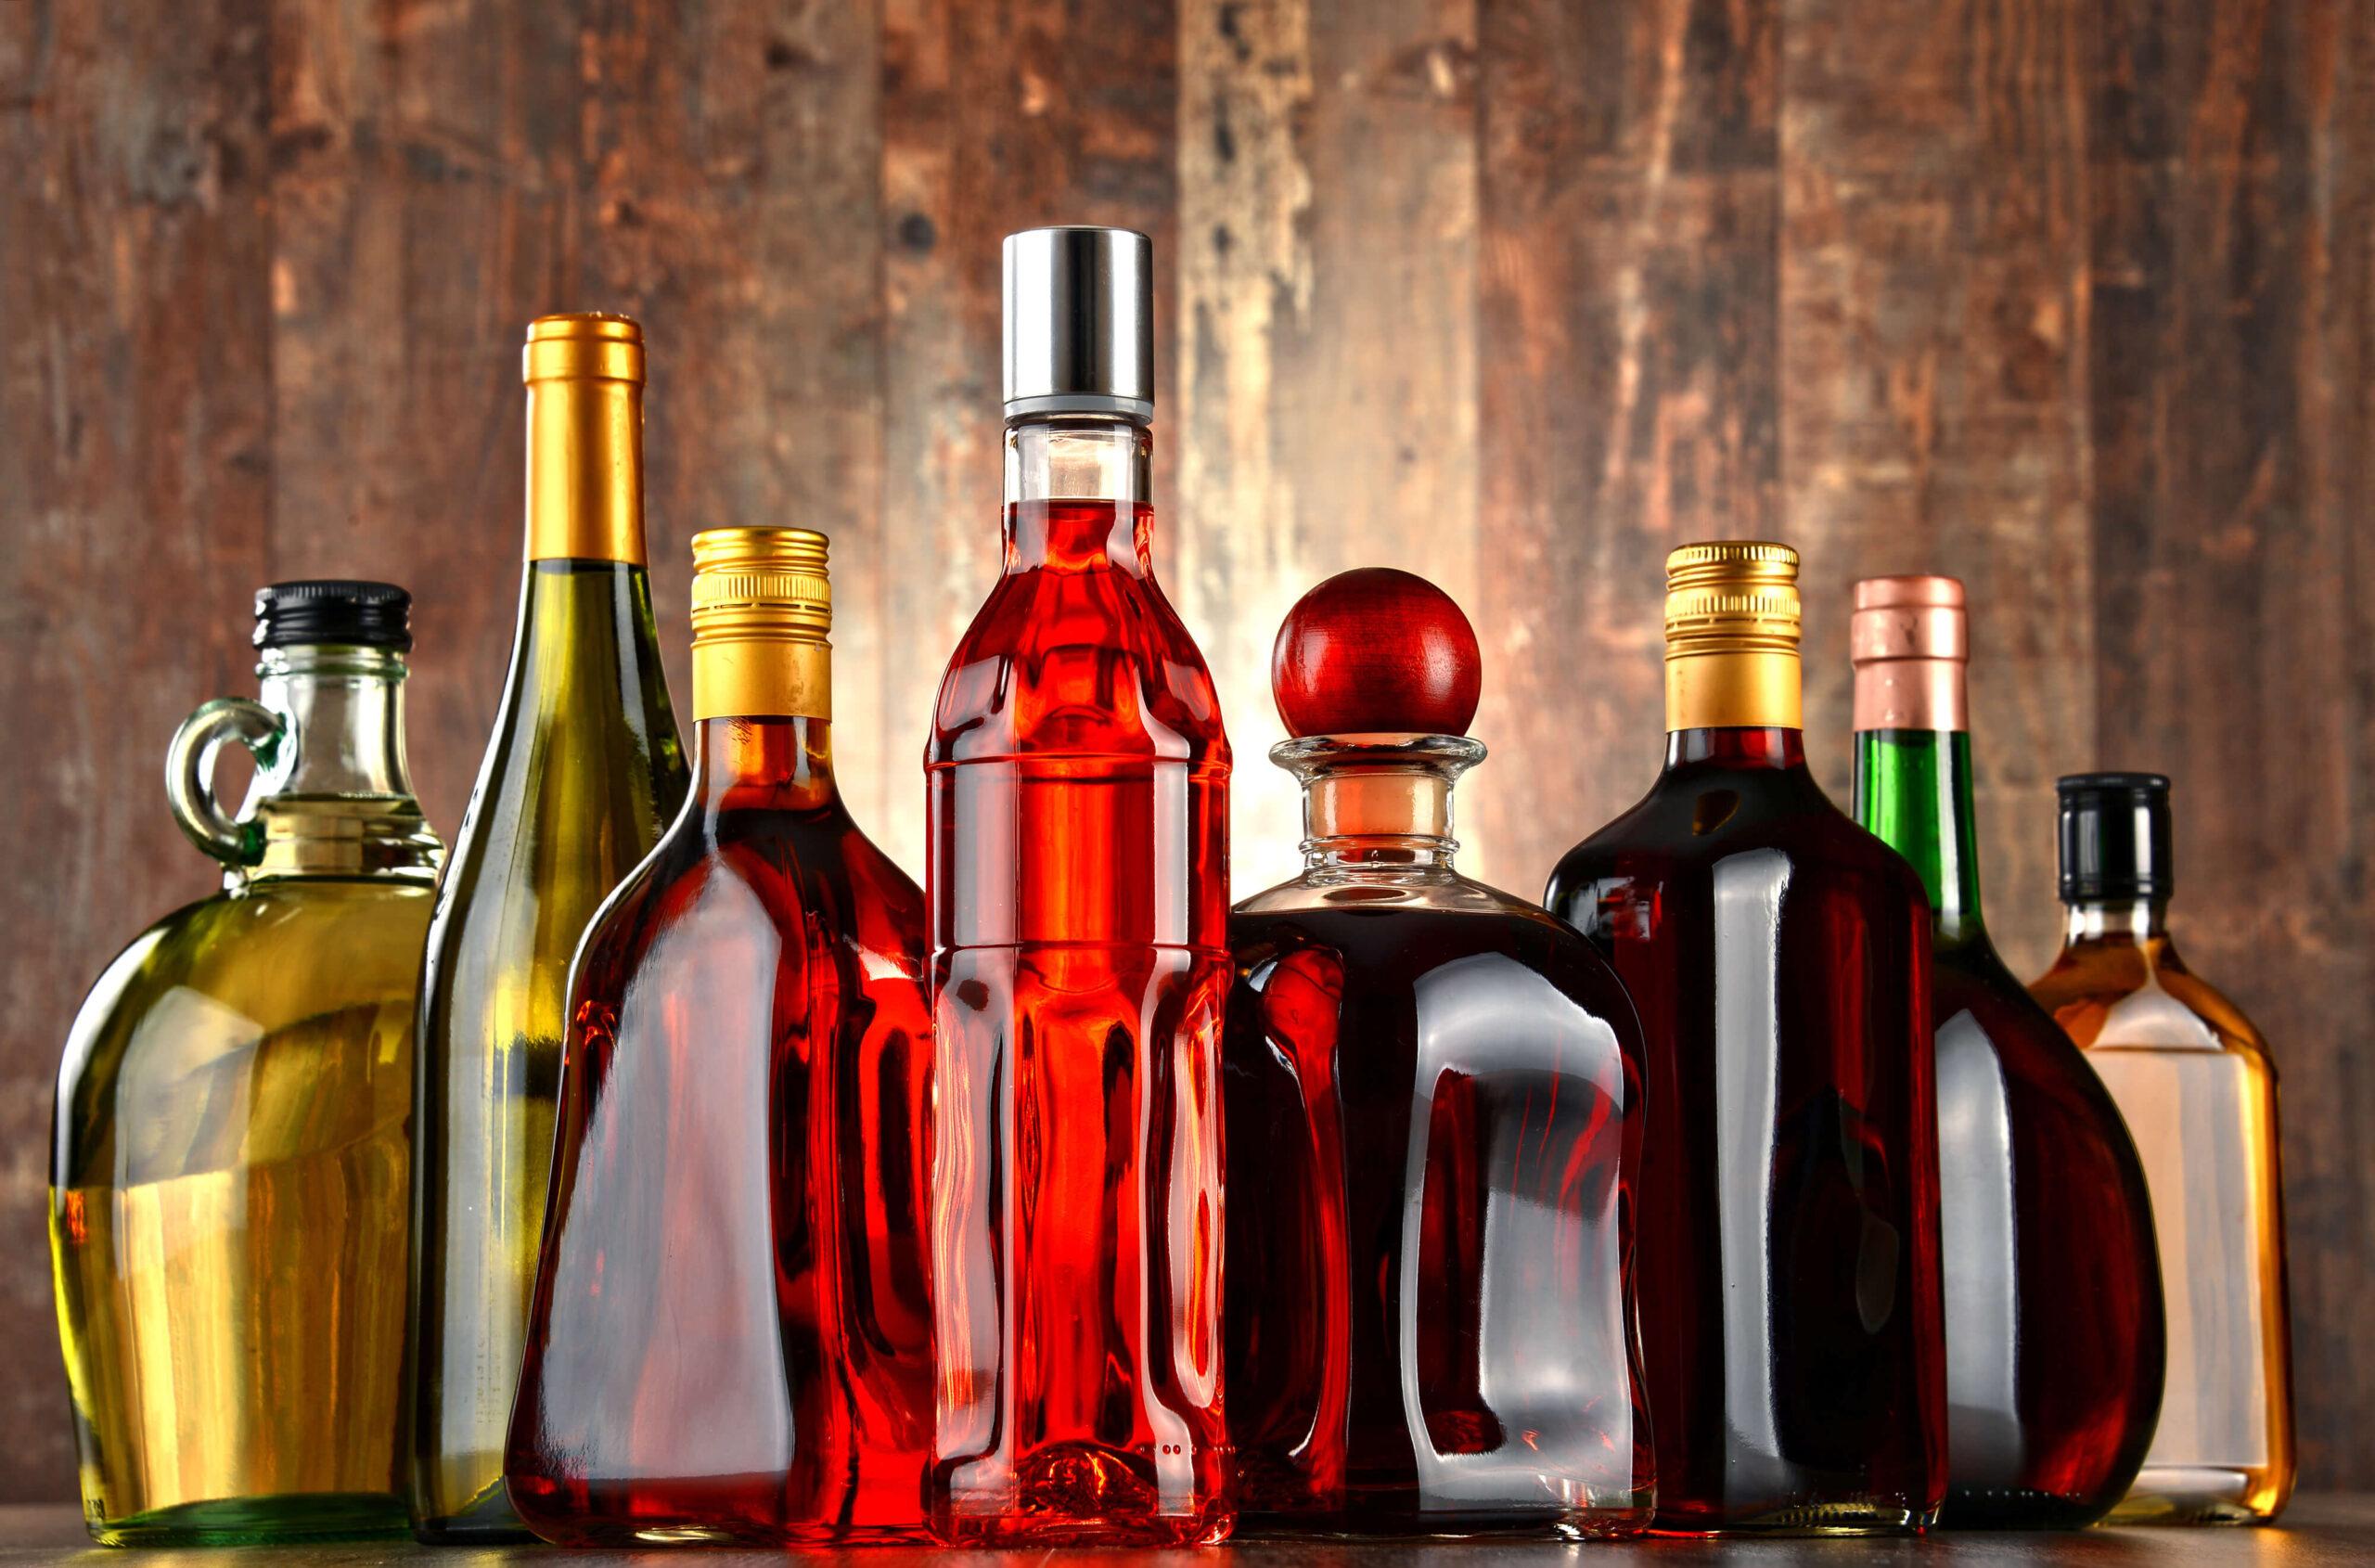 ТОП-5 заповідей алкоголізму - реабілітаційний центр Наркомедцентр в Києві